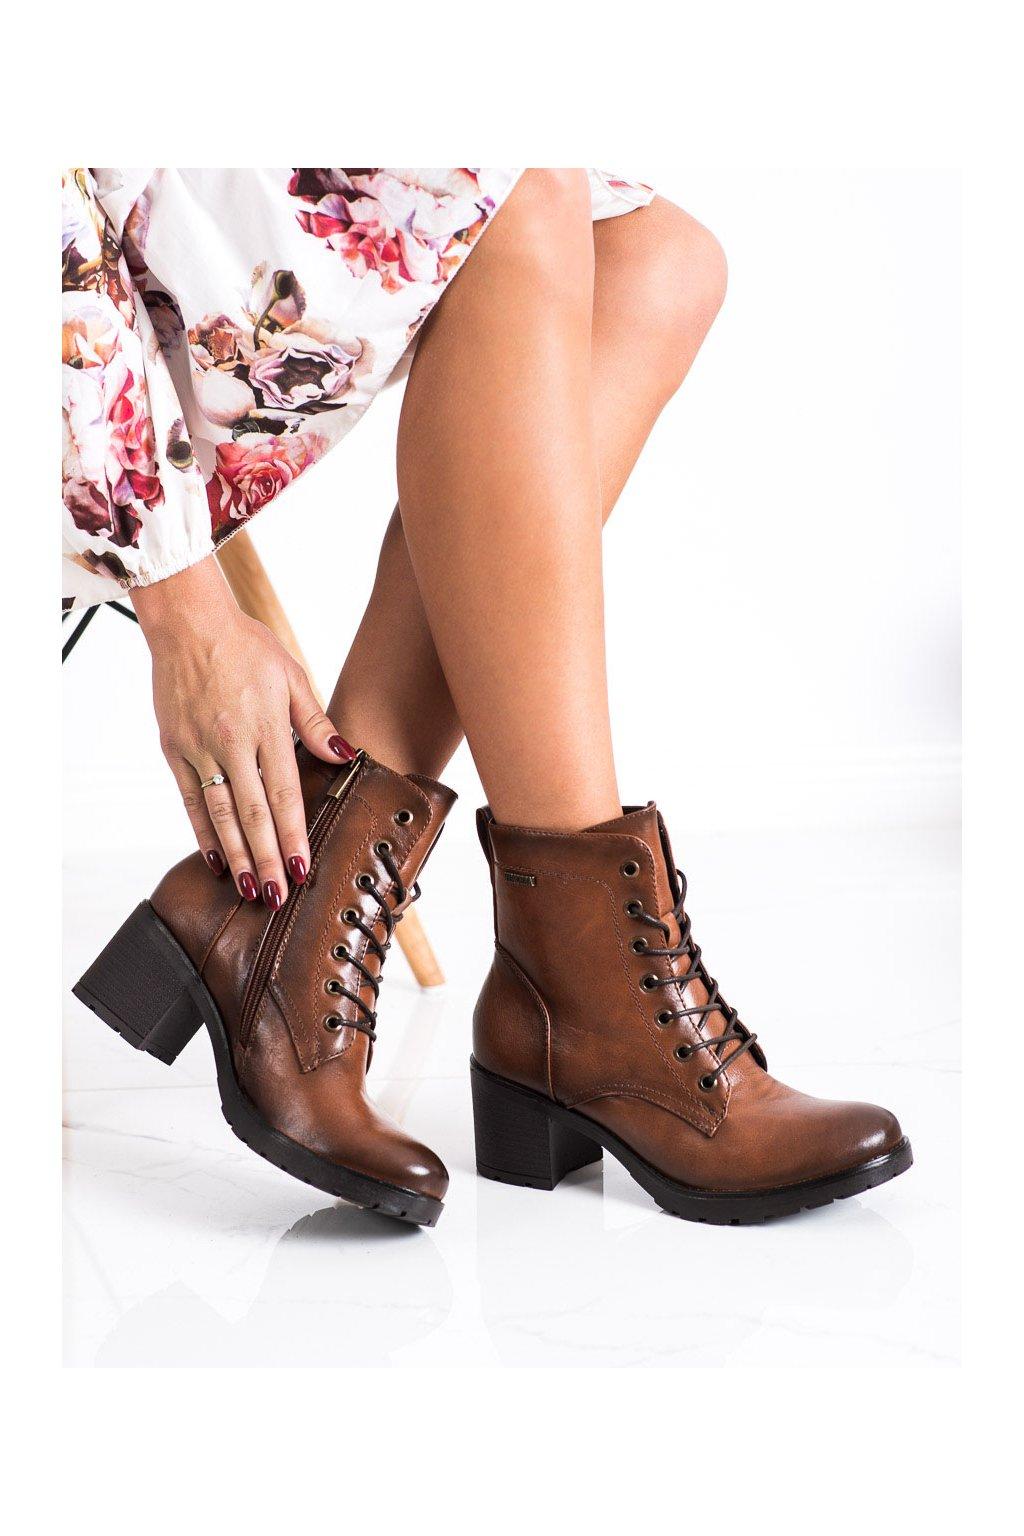 Hnedé dámske topánky Vinceza kod XY22-10643C